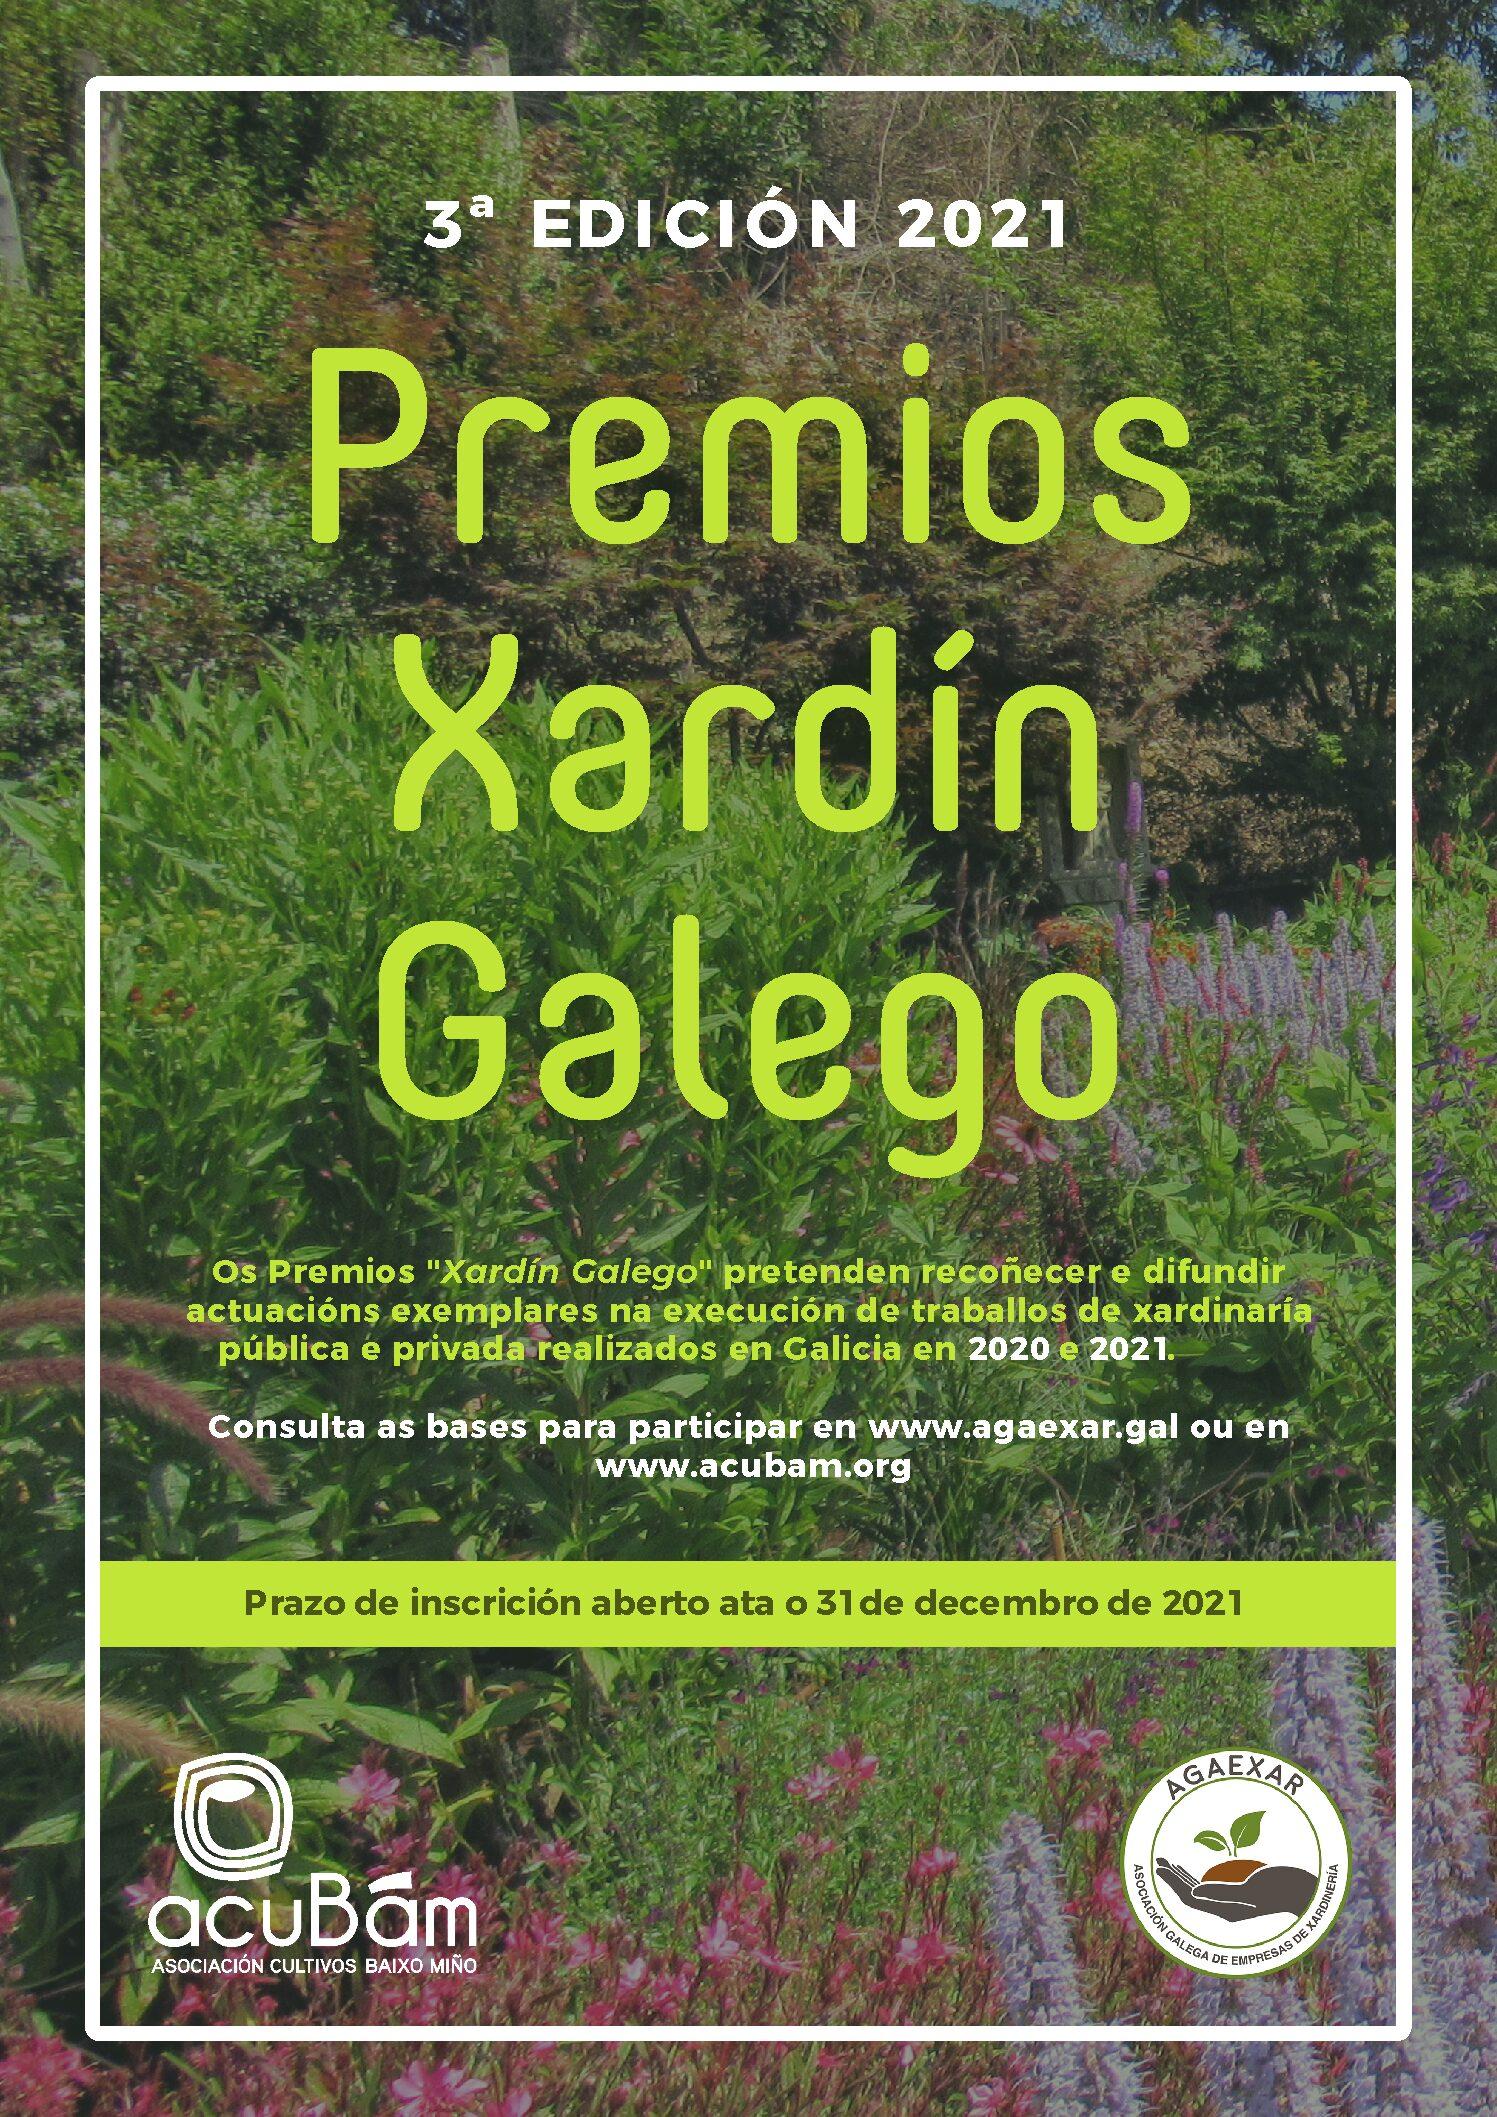 Convocada la III edición de los Premios Xardín Galego